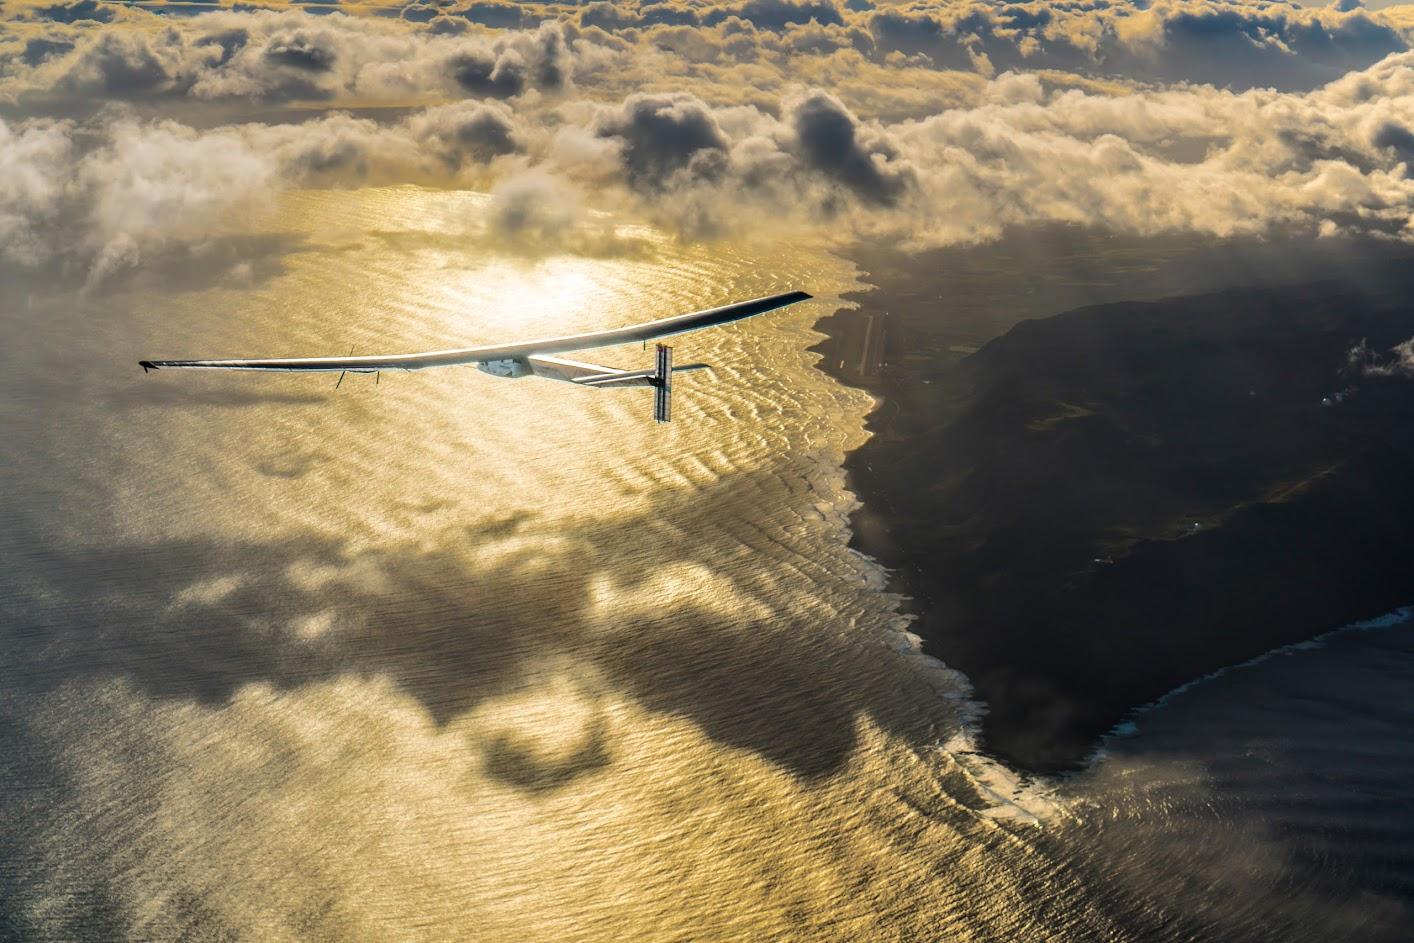 solar impulse 2,tour du monde,100 % solaire,aventure,aéronautique,suisse,bertrand piccard,andré borschberg